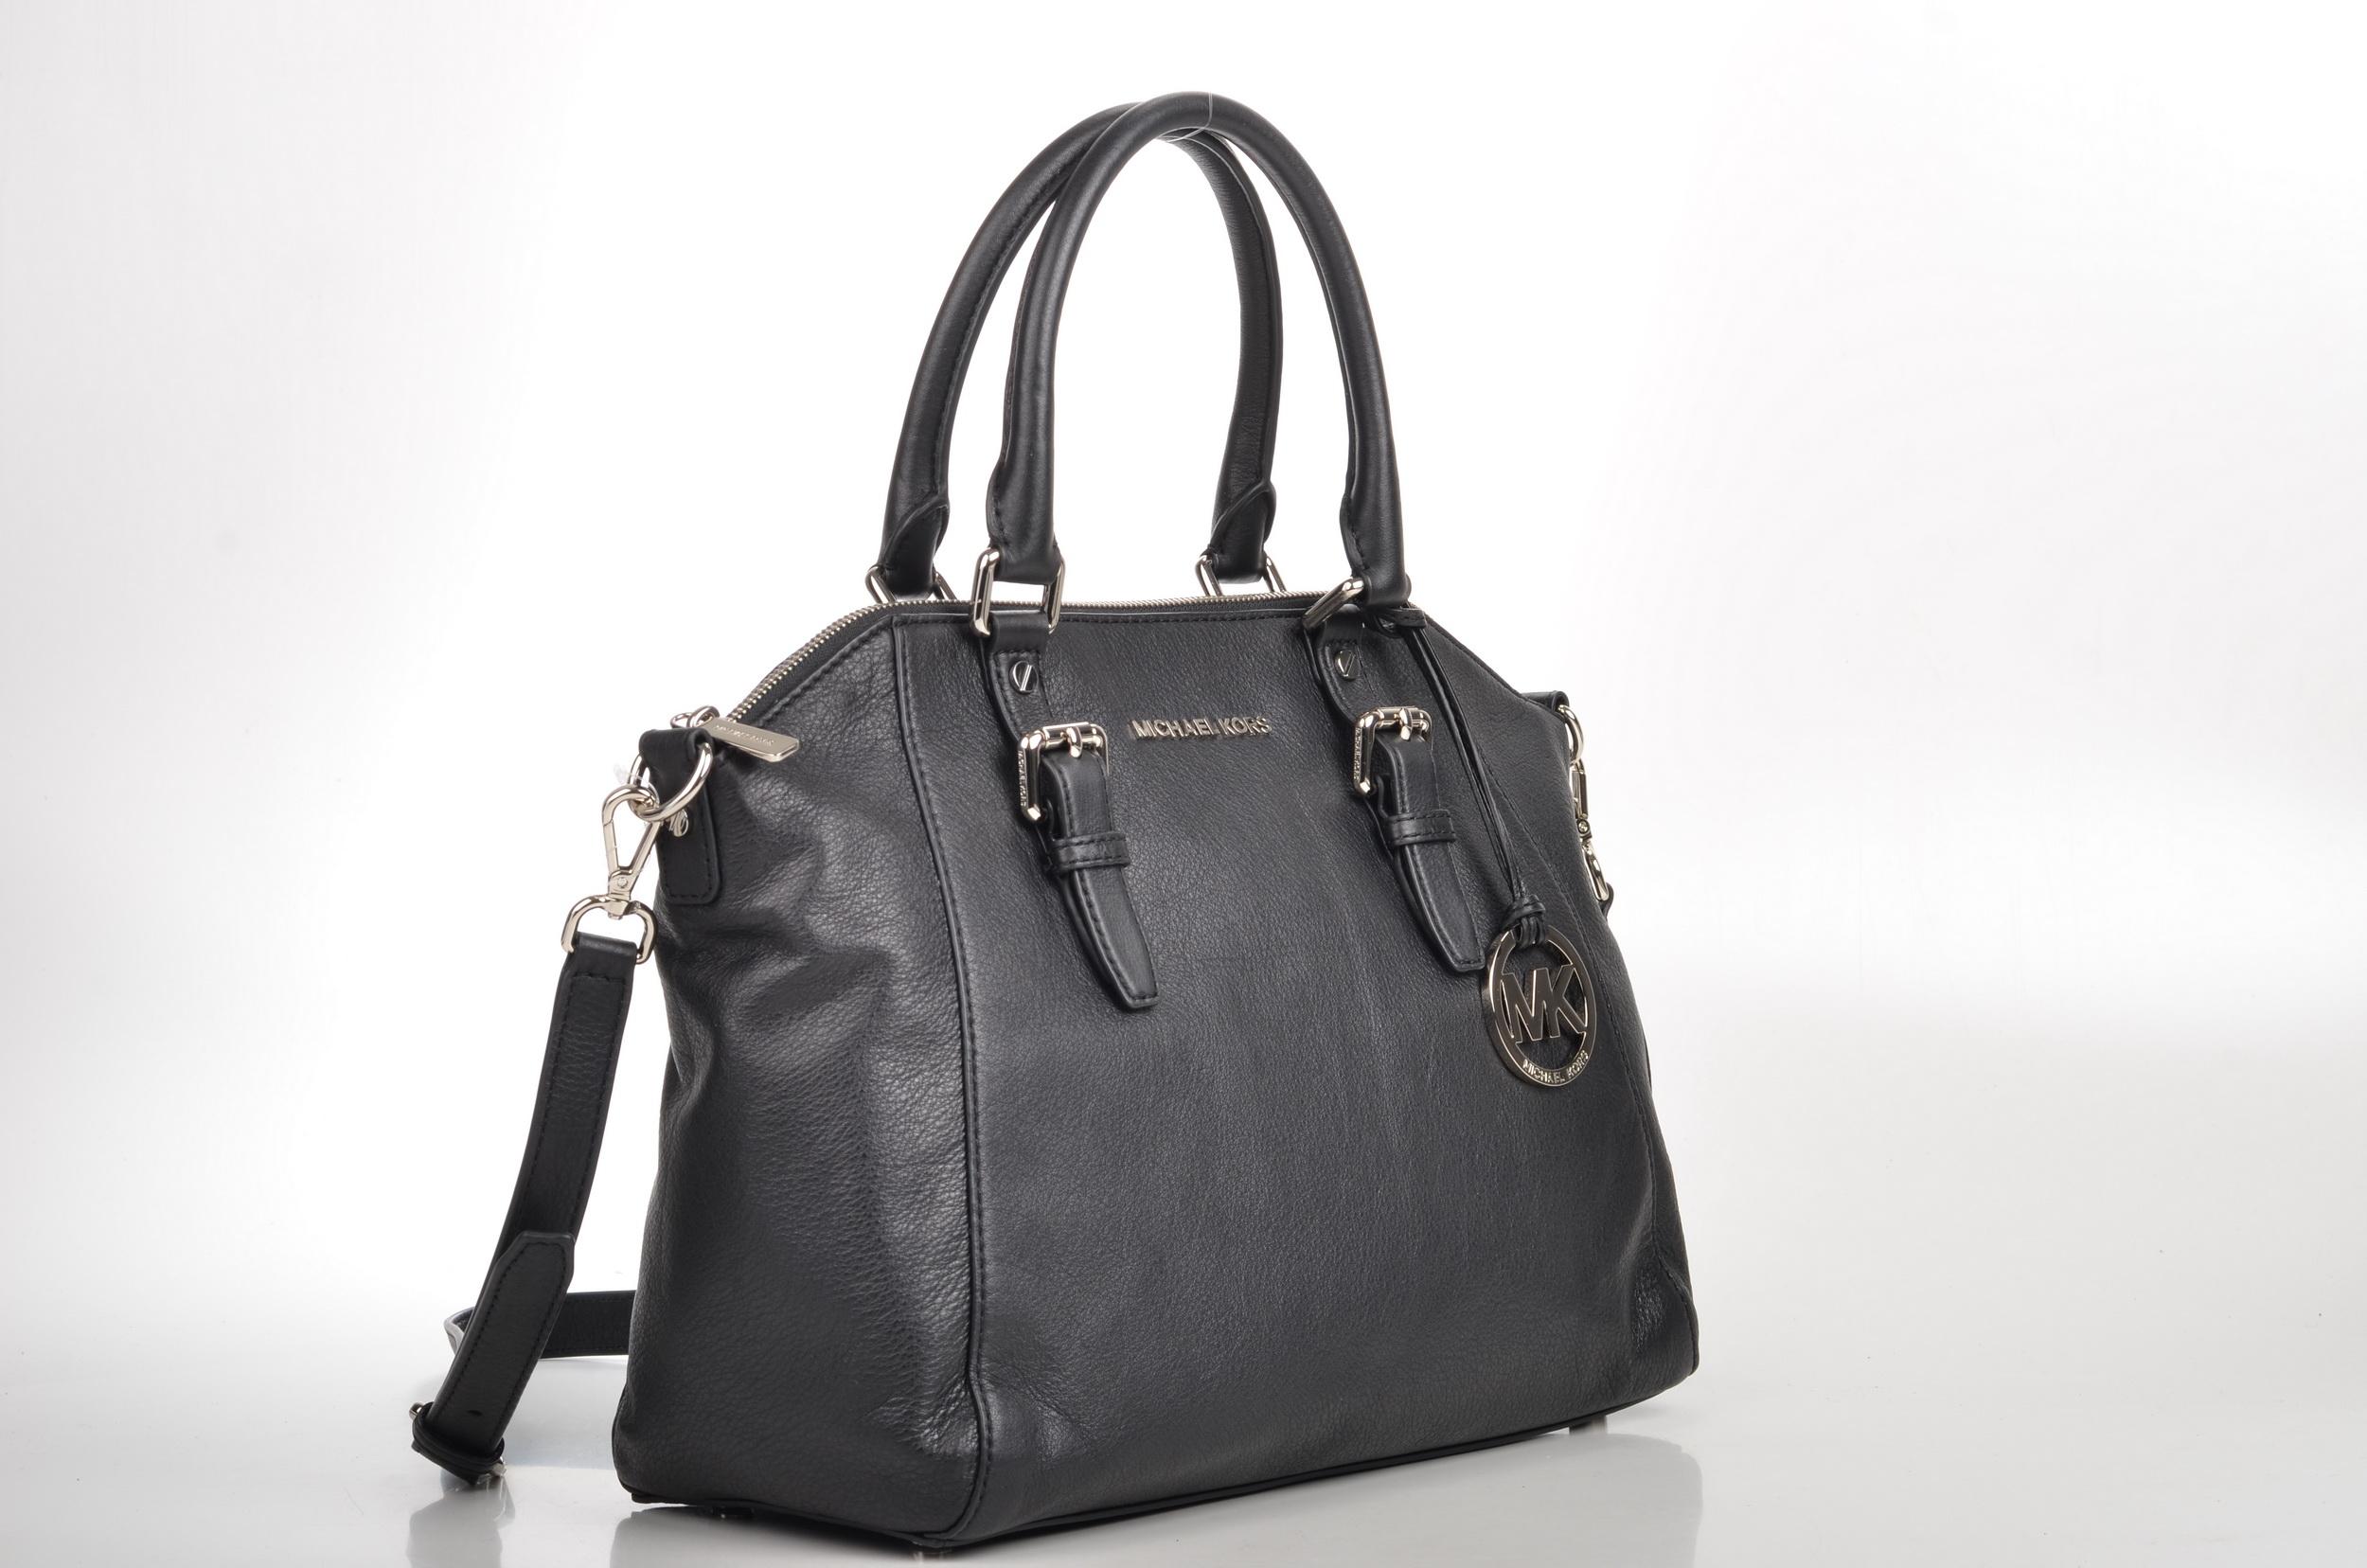 Designer Handbags Purses amp Luggage on Sale  Sale